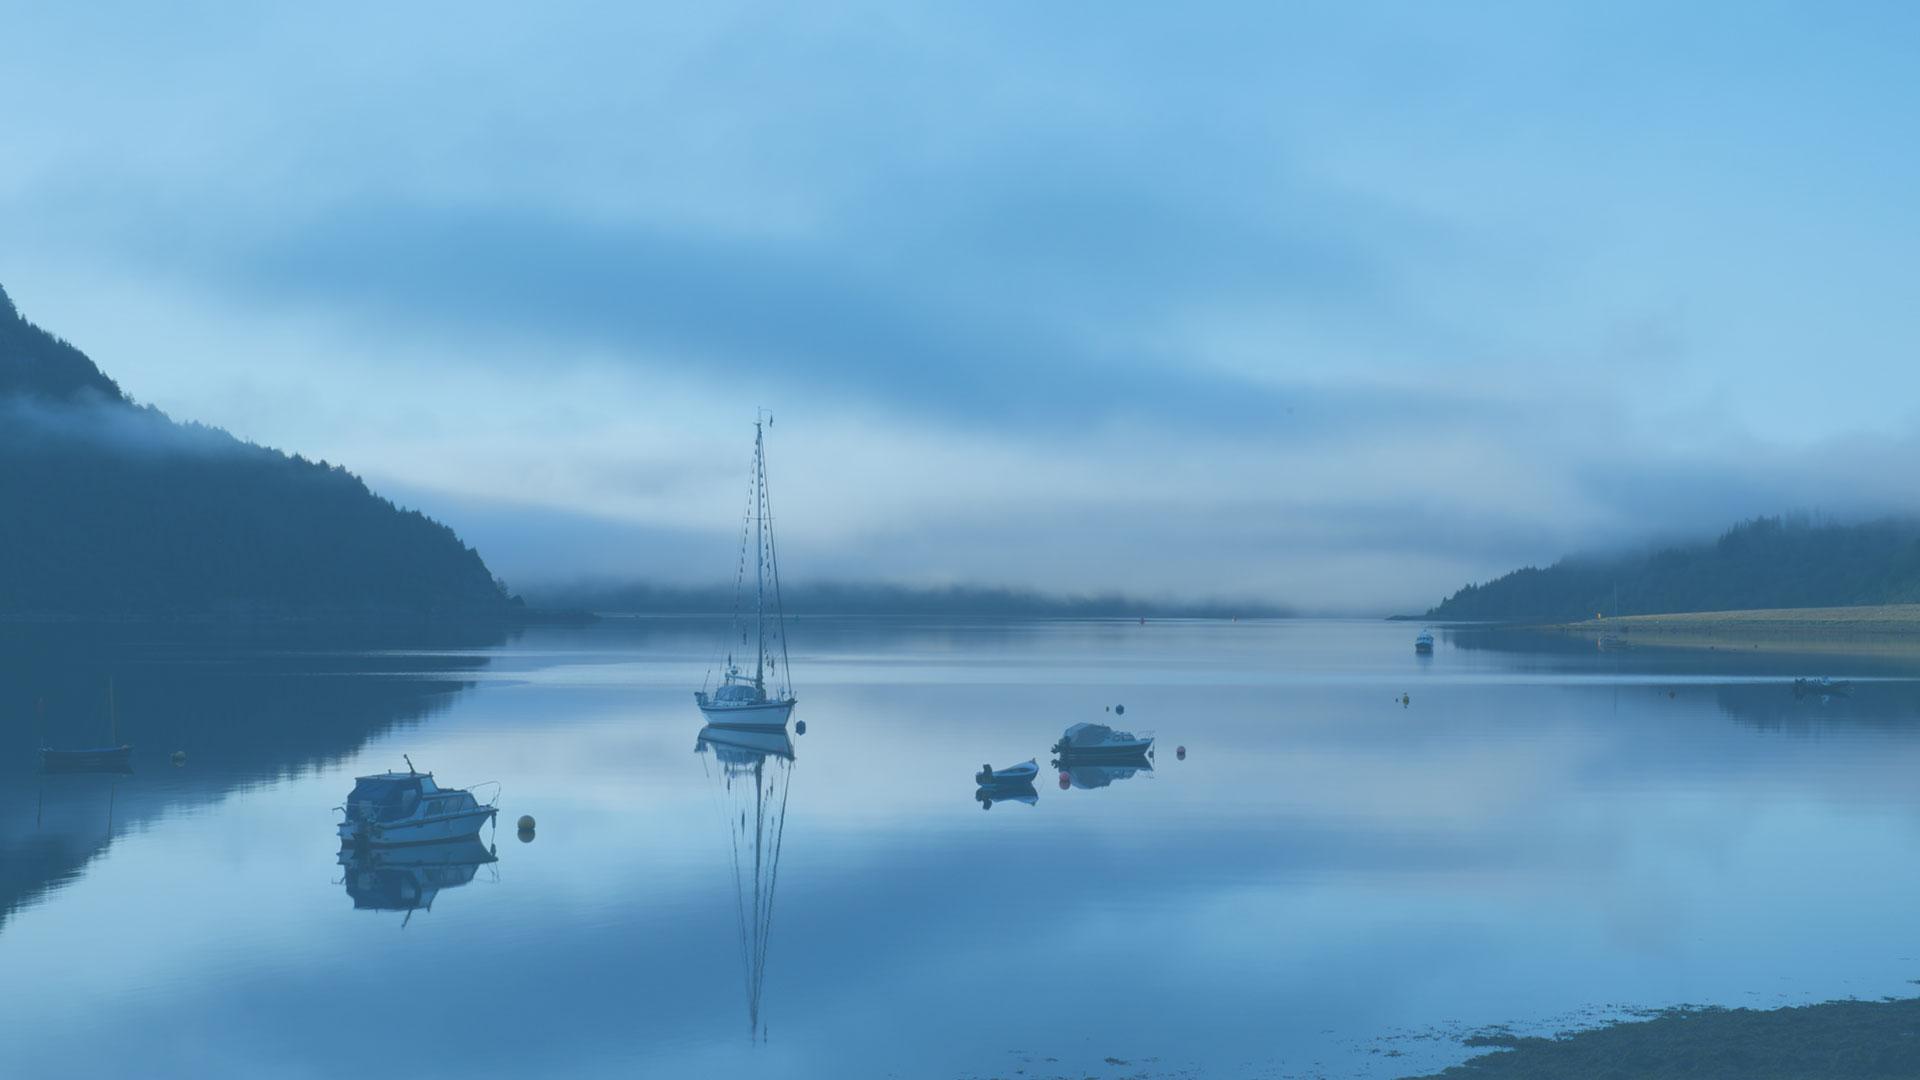 Lochgoil Watersports Club